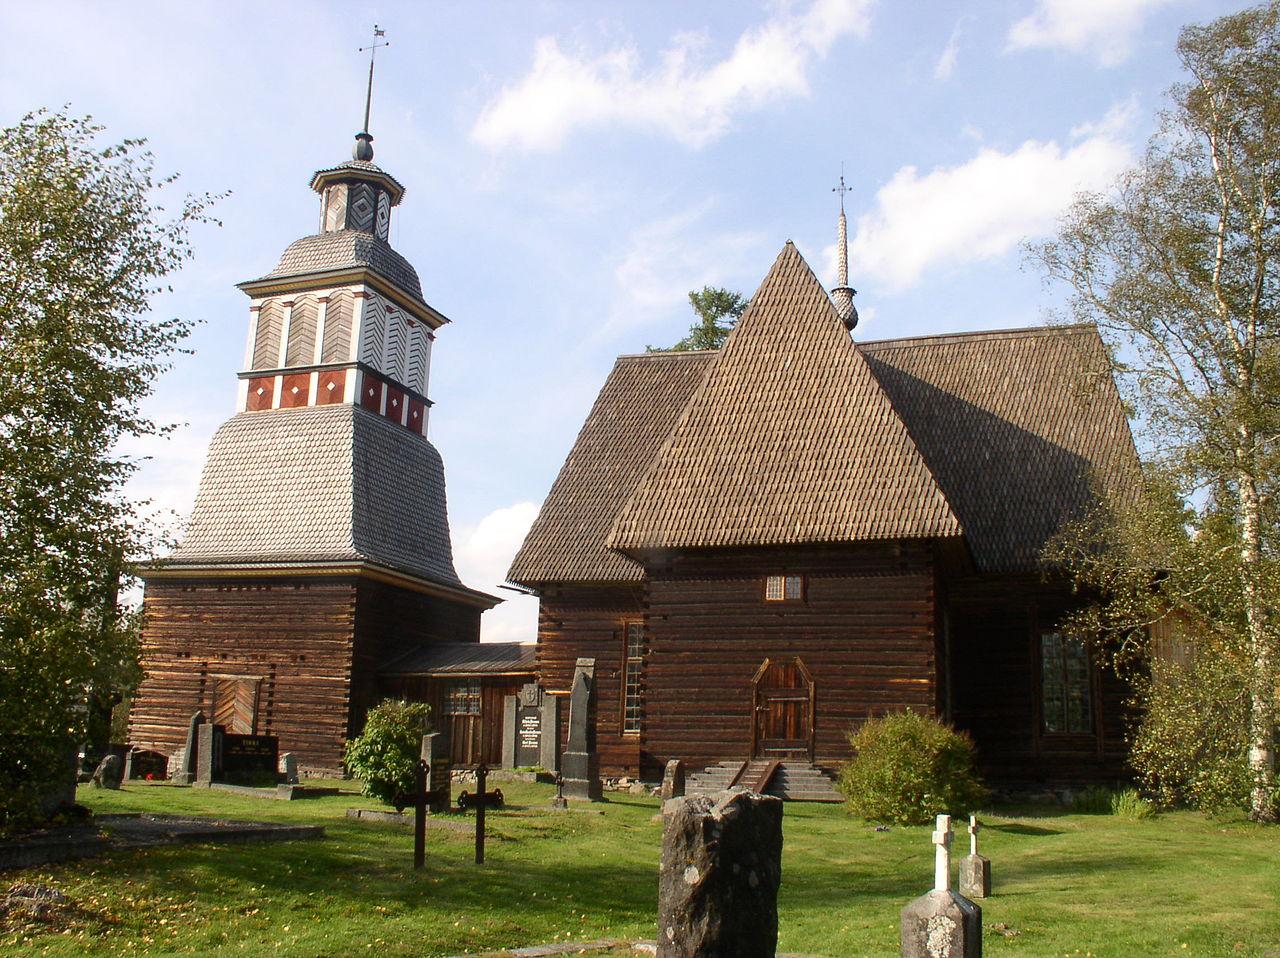 The Petäjävesi Old Church, Finland